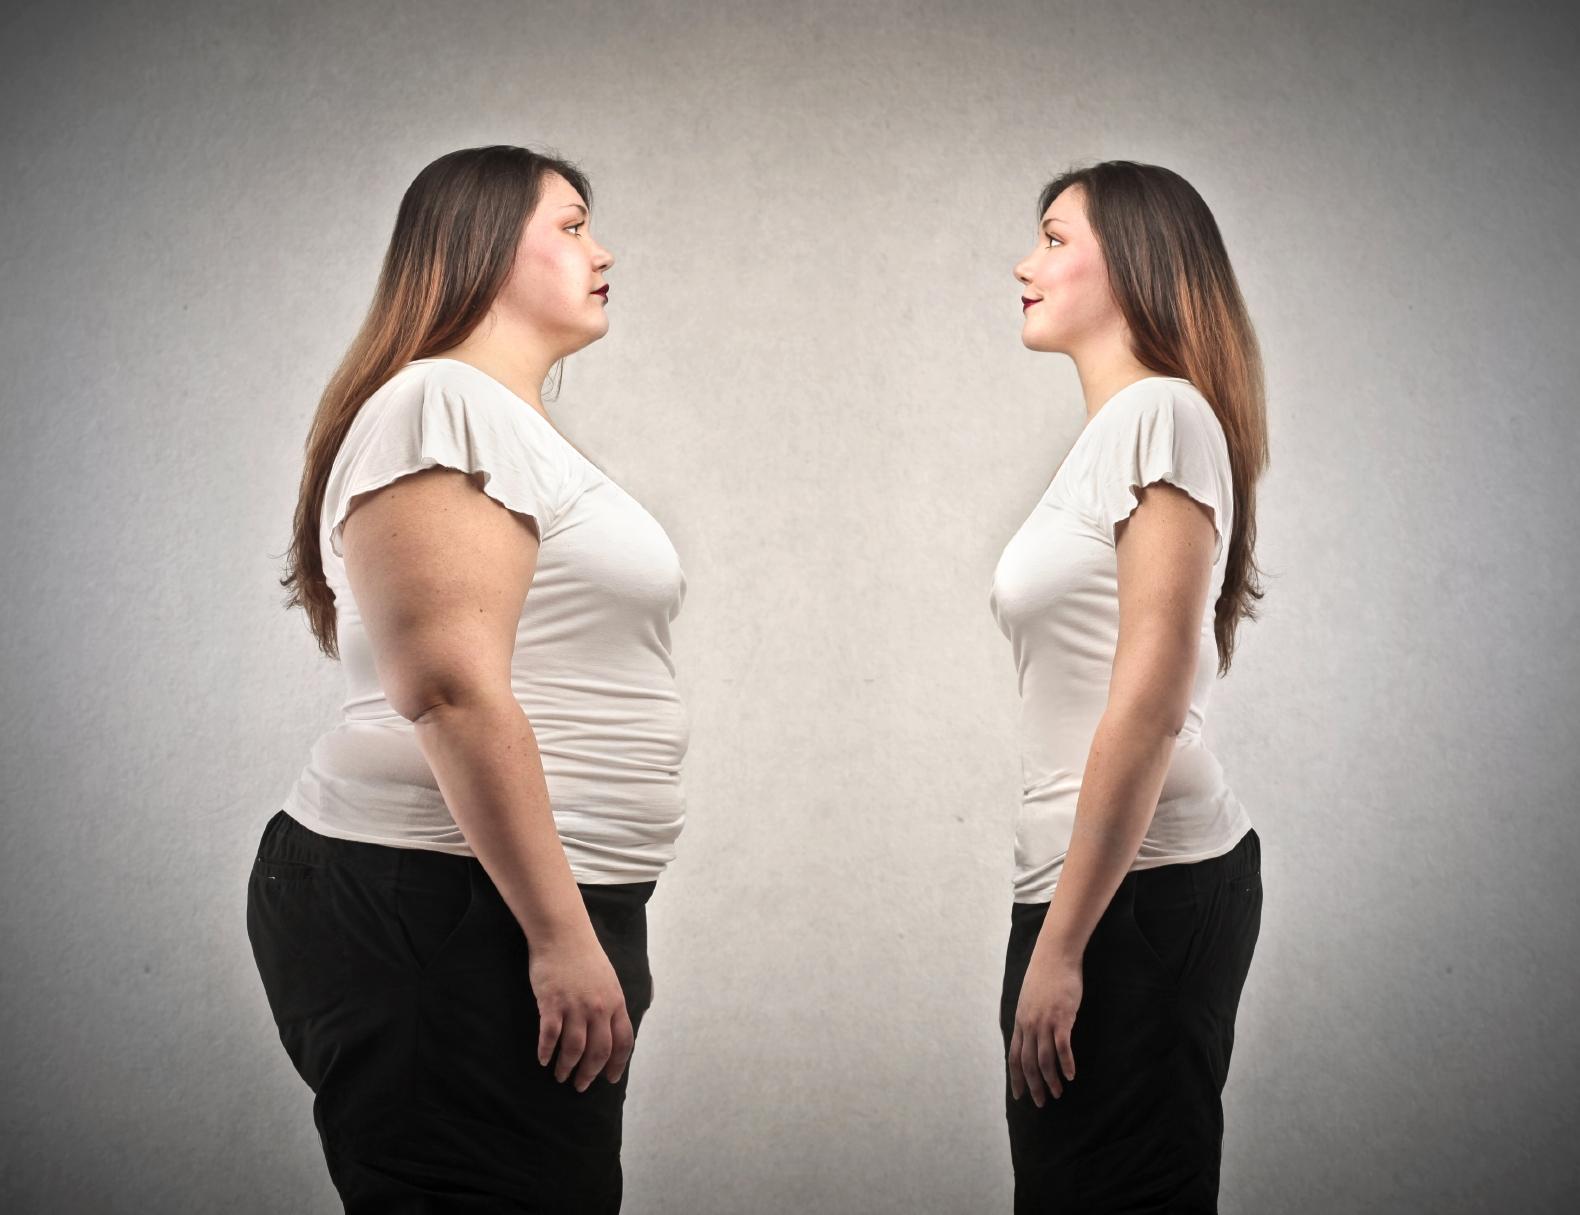 Причины похудения у девушки